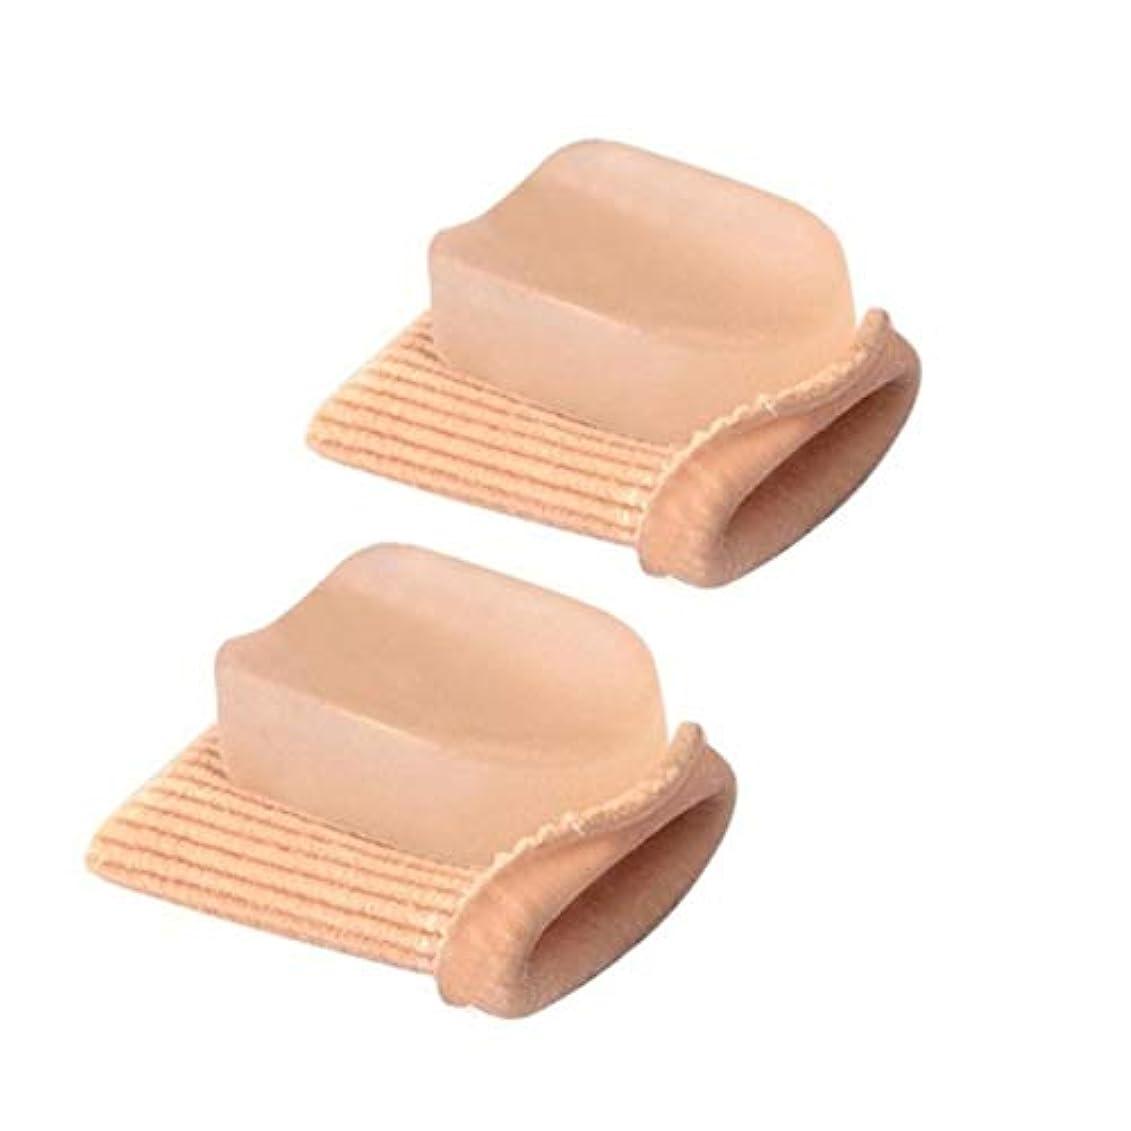 テスピアンプロフィール純粋なDeeploveUU 高弾性つま先指ストレイテナーハンマーつま先外反母矯正包帯つま先セパレーターフットケア包帯